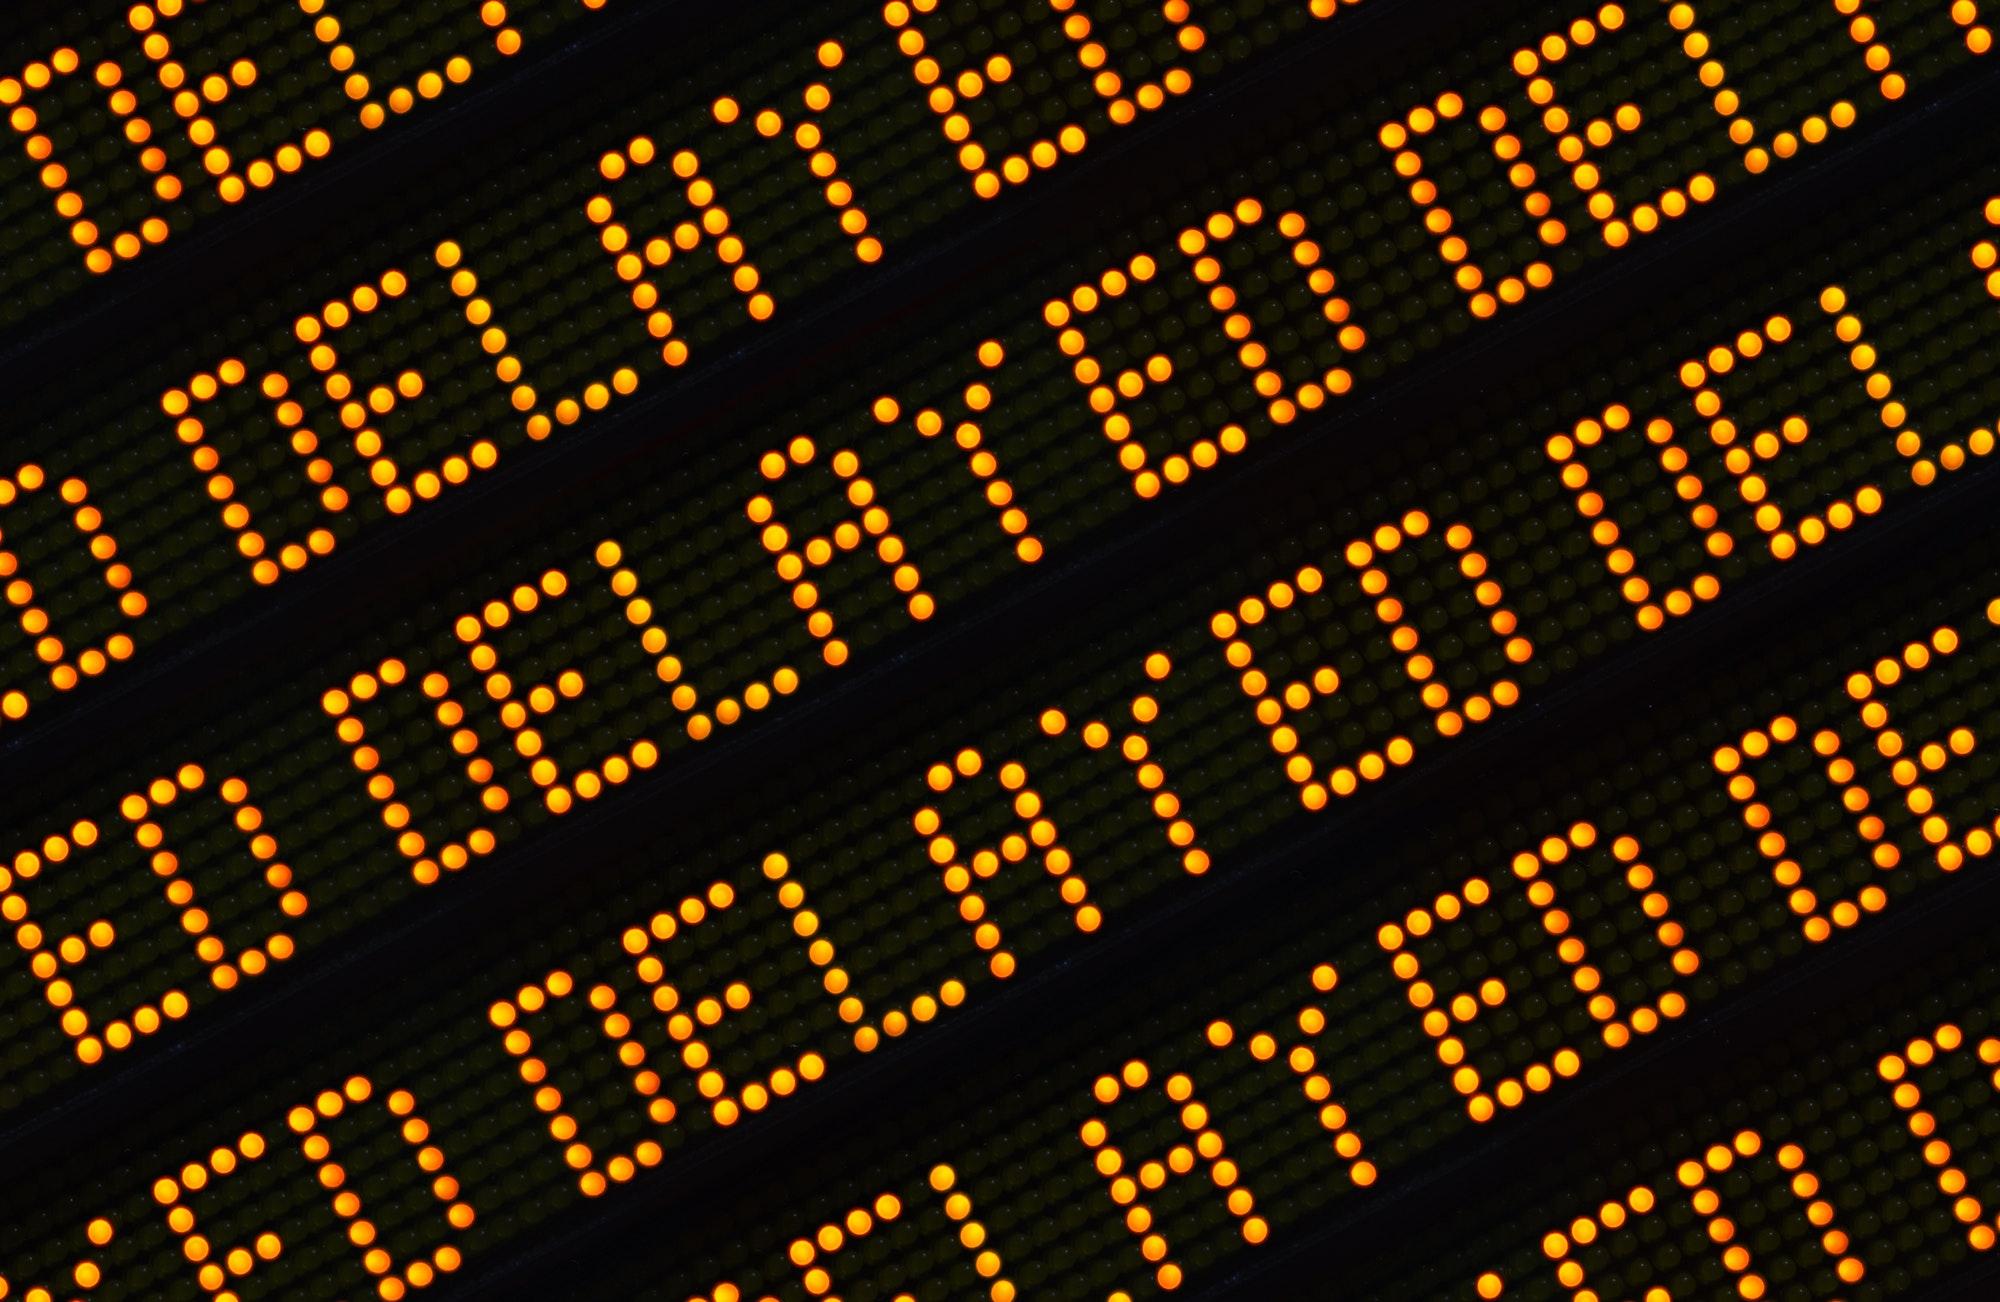 A 'Delayed' sign Closeup, in yellow block capitals, digital form